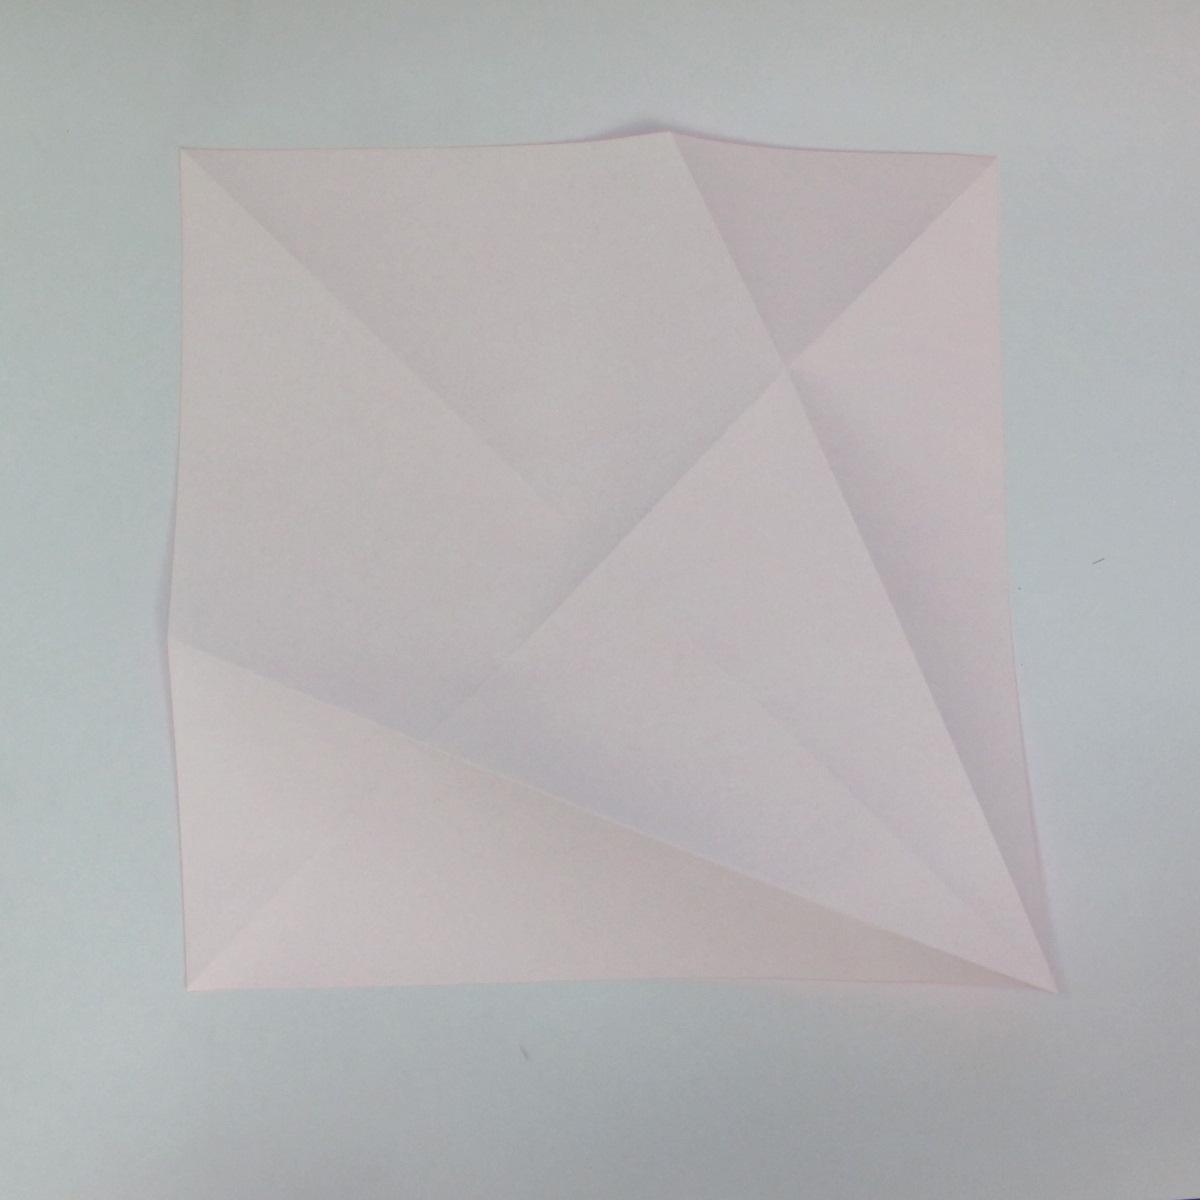 สอนการพับกระดาษเป็นลูกสุนัขชเนาเซอร์ (Origami Schnauzer Puppy) 005